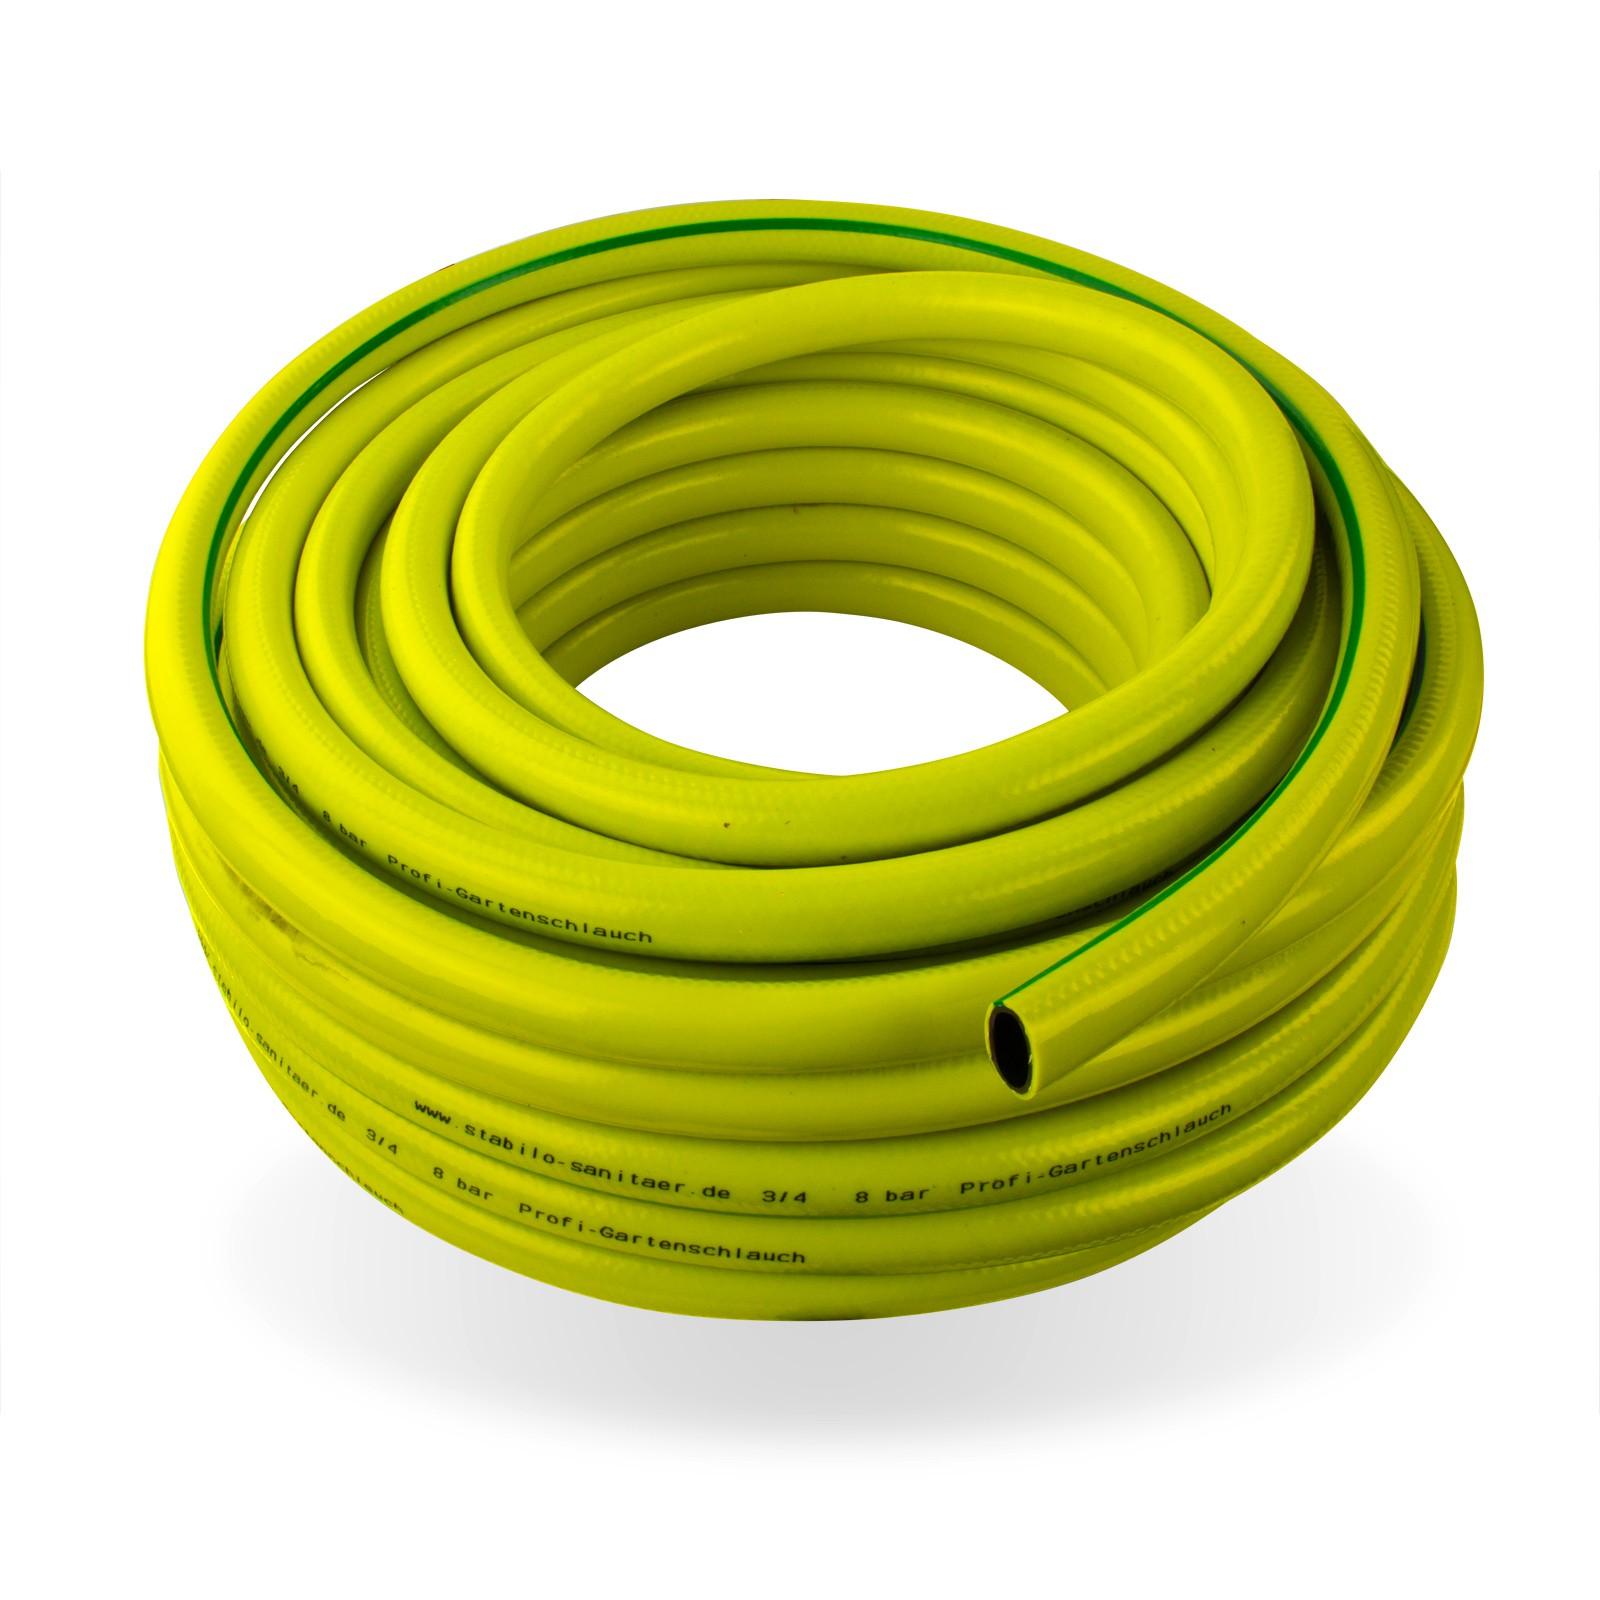 Stabilo-Sanitaer Profi Gartenschlauch / Wasserschlauch 1/2 Zoll 25 m gelb 14461